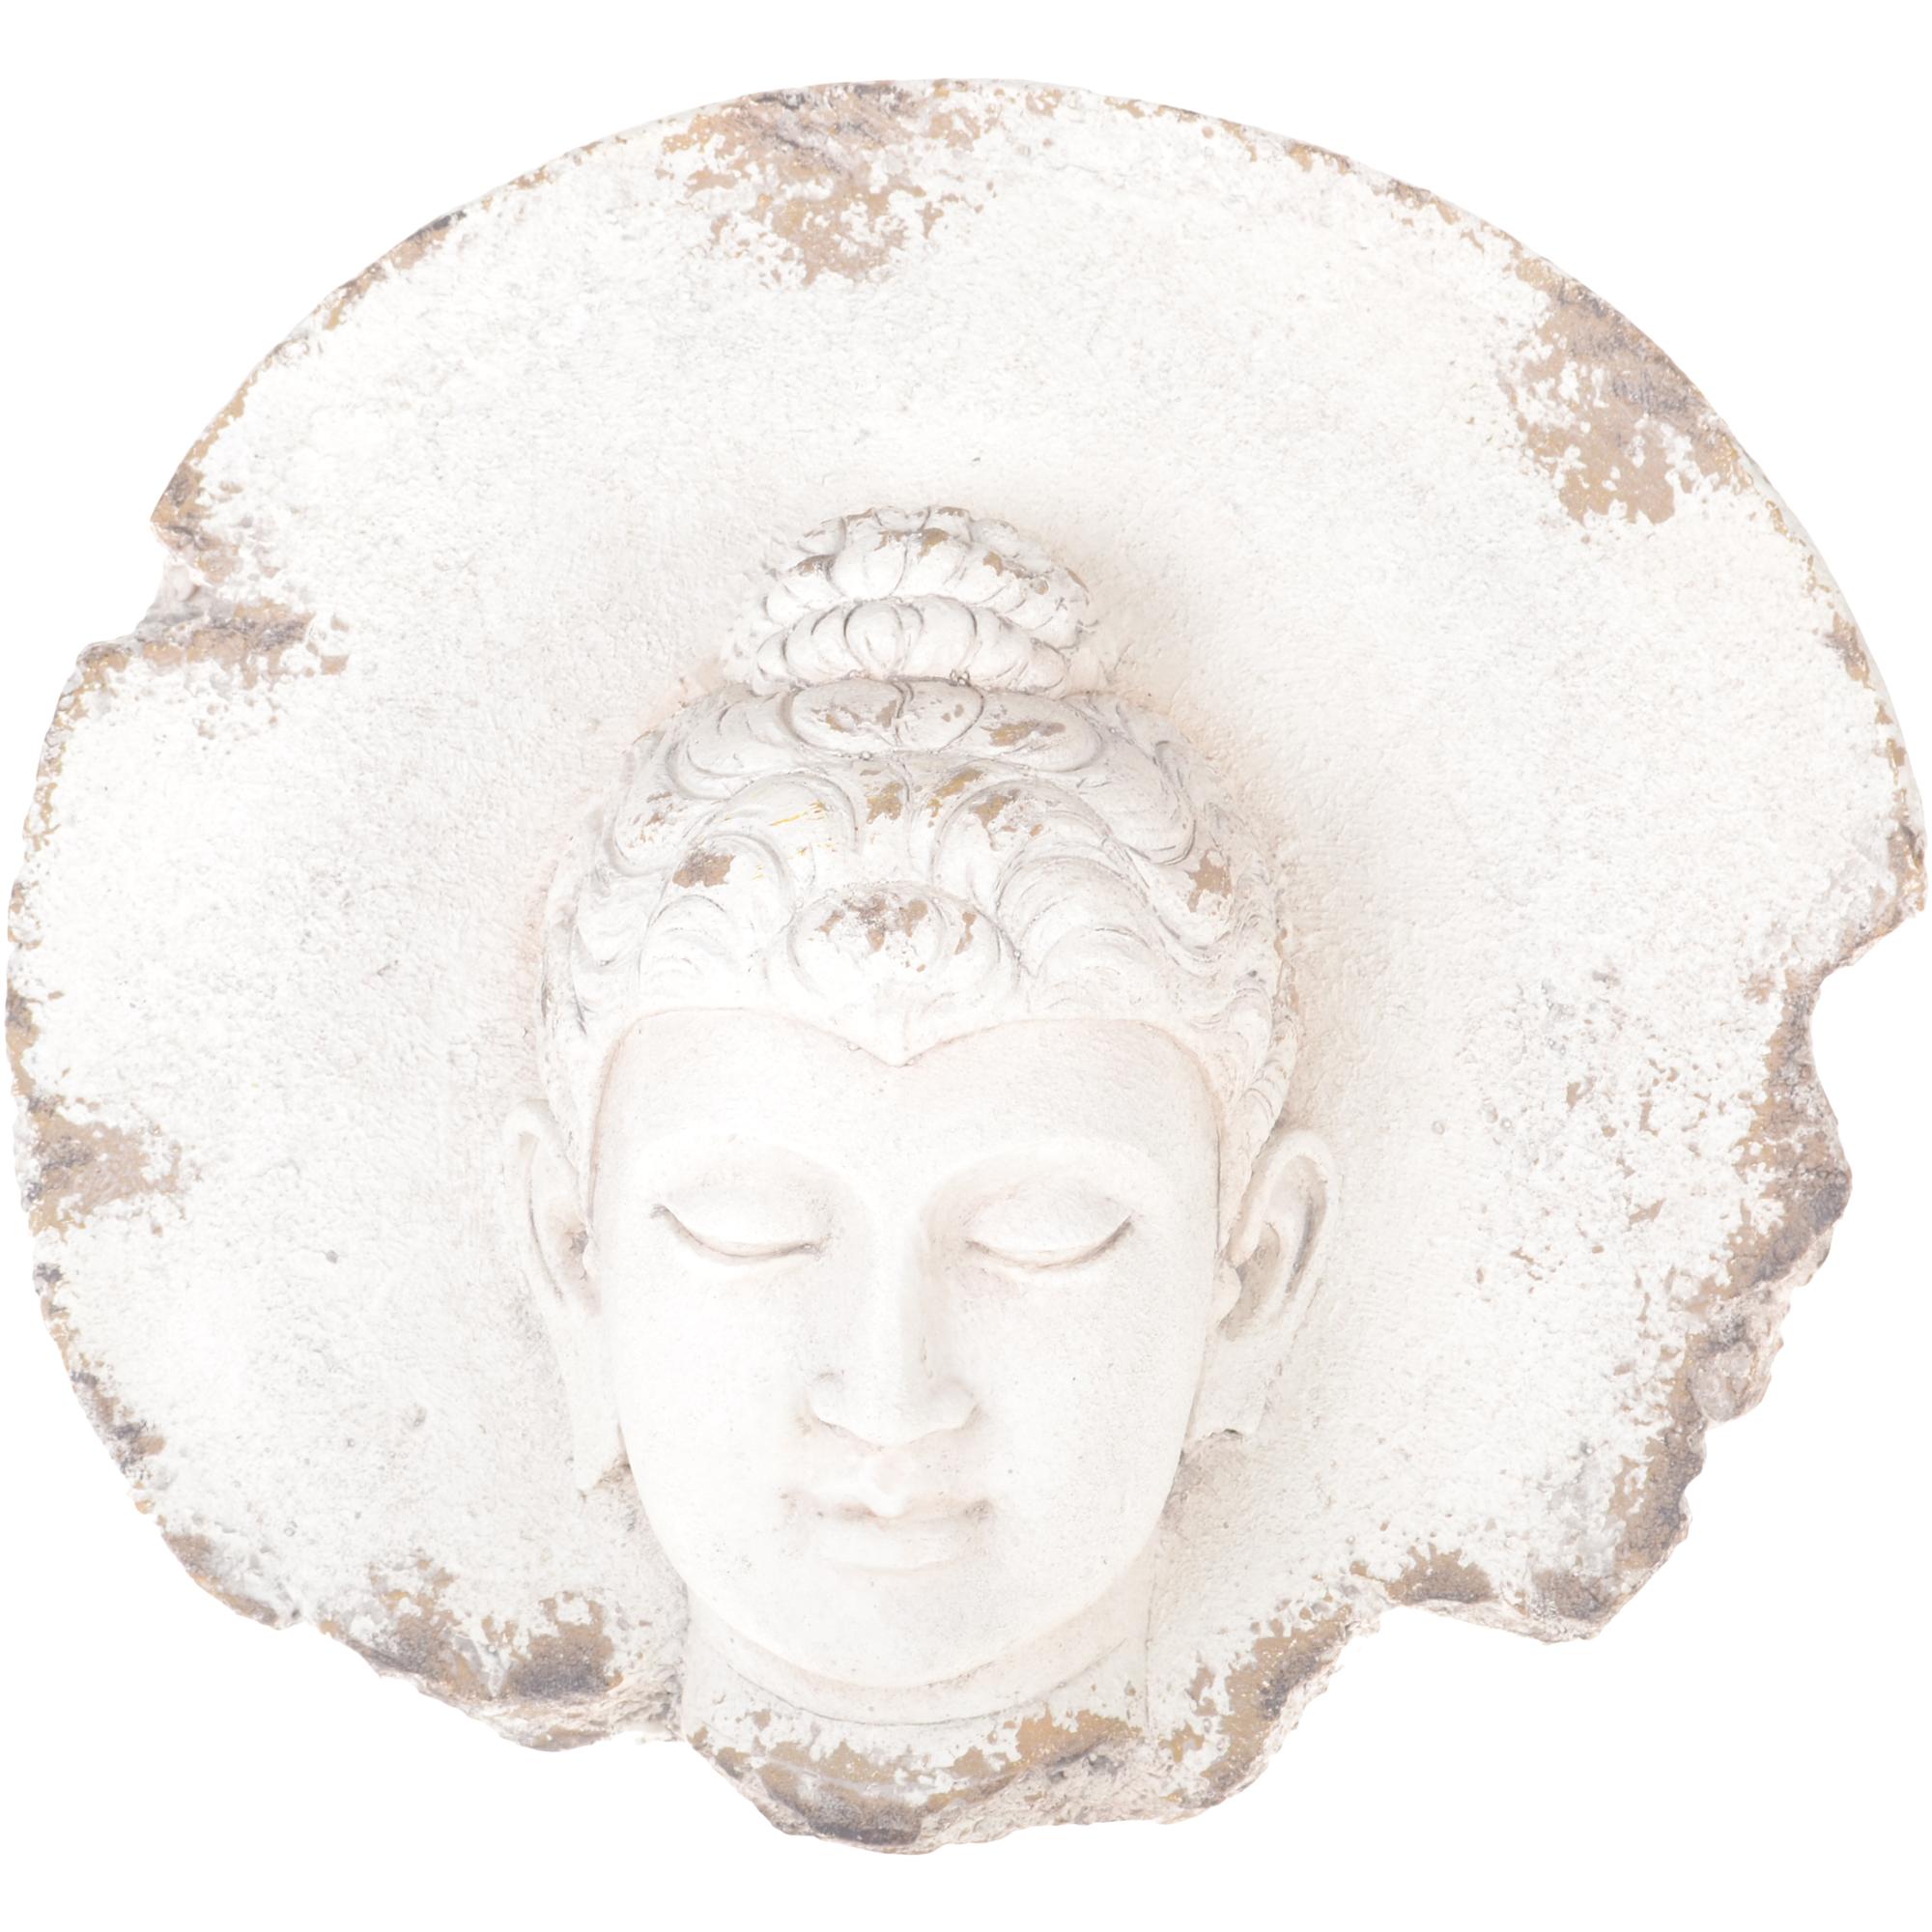 Фото - Настенный декор Dingsheng Будда 49х18х46 см фигура садовая декоративная dingsheng будда 47x25x70 см